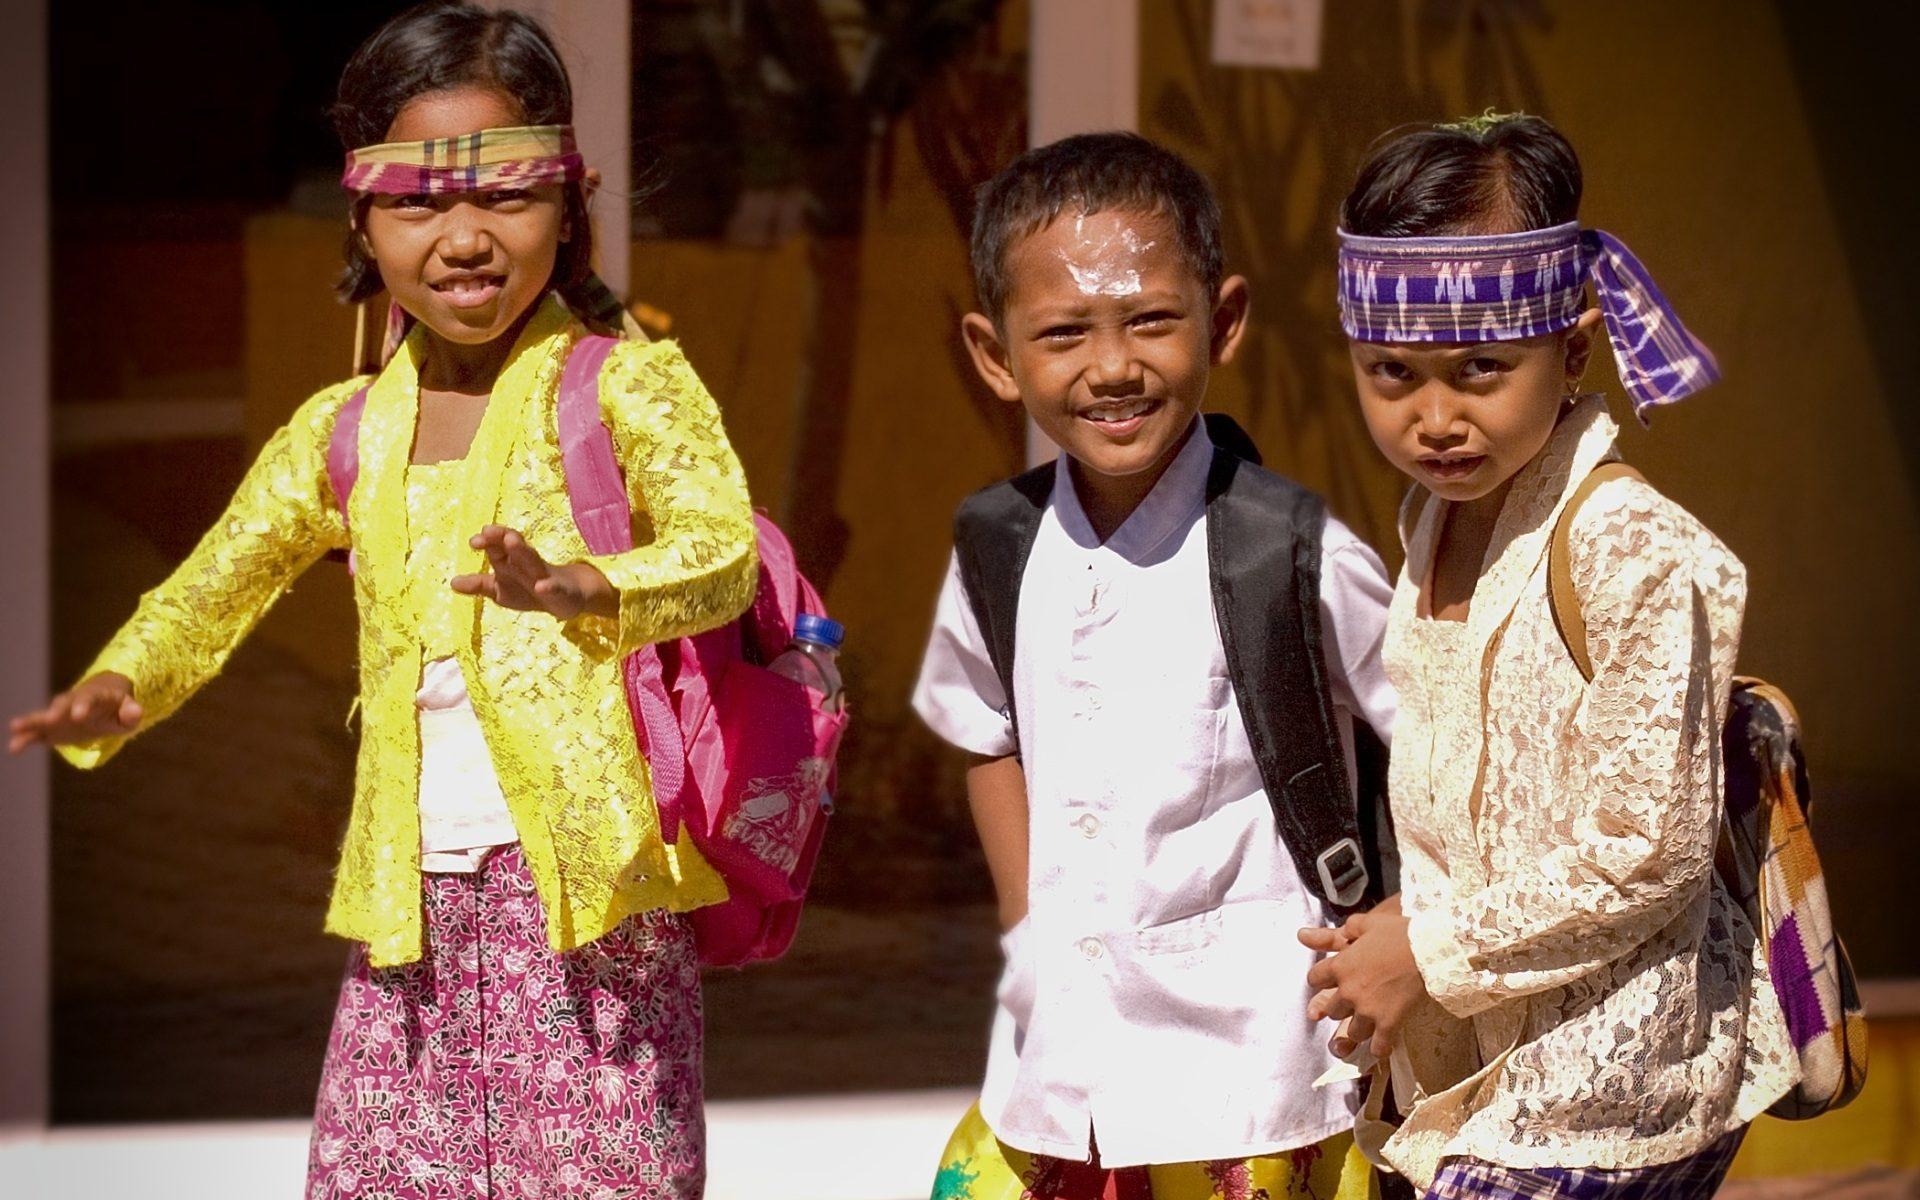 bali children 1920x1200 - Indonesien: Namen auf Bali - bei vier ist Schluss